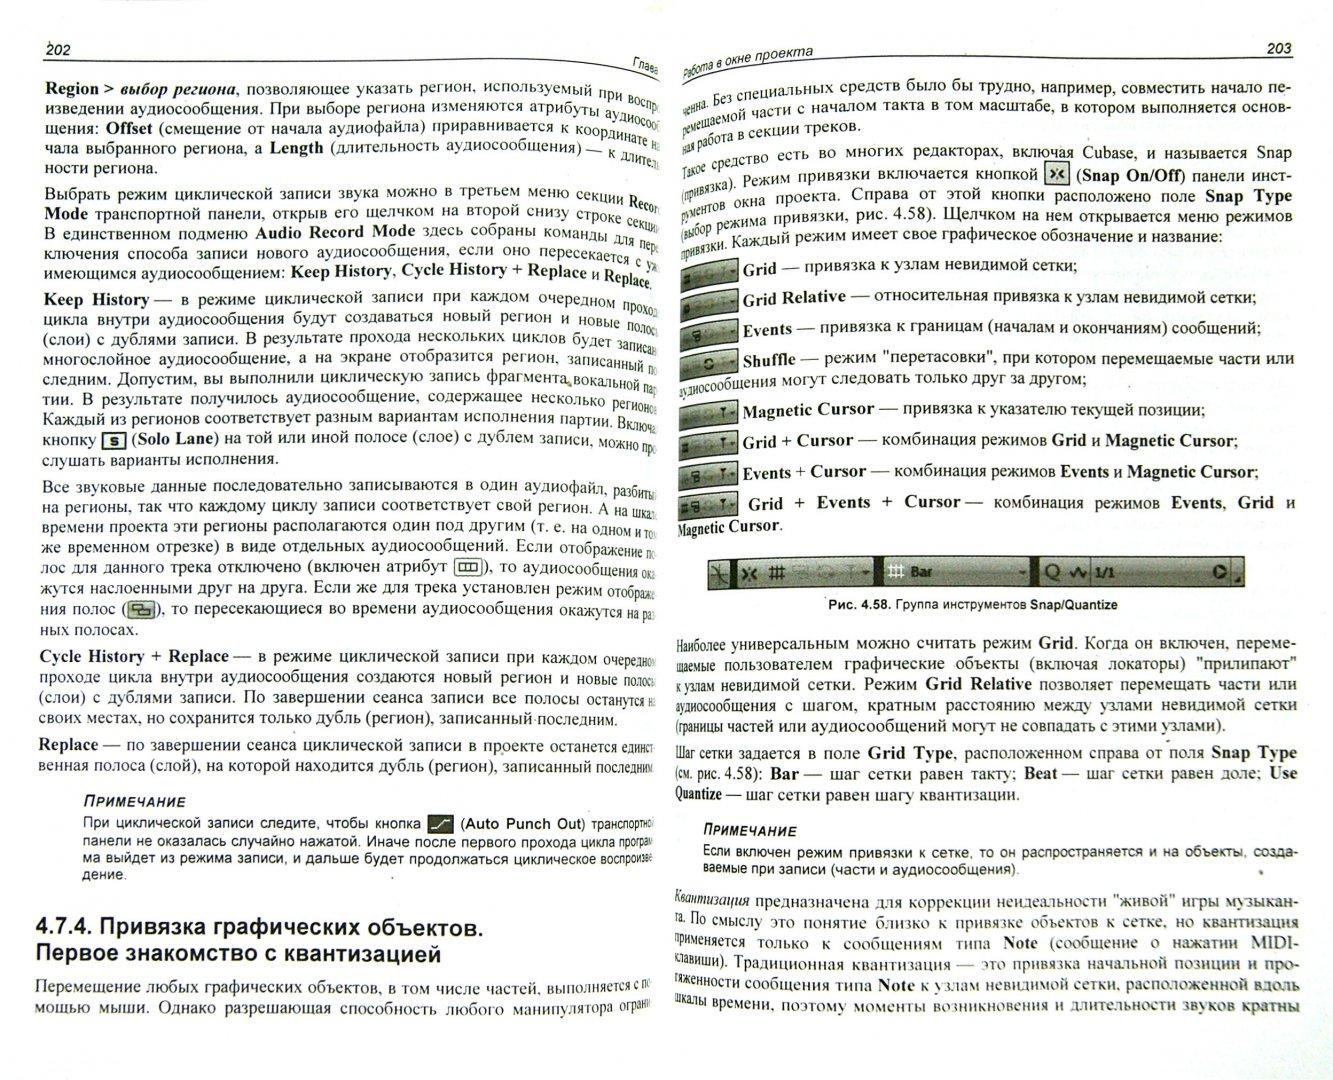 Иллюстрация 1 из 14 для Steinberg Cubase. Создание музыки на компьютере - Петелин, Петелин   Лабиринт - книги. Источник: Лабиринт